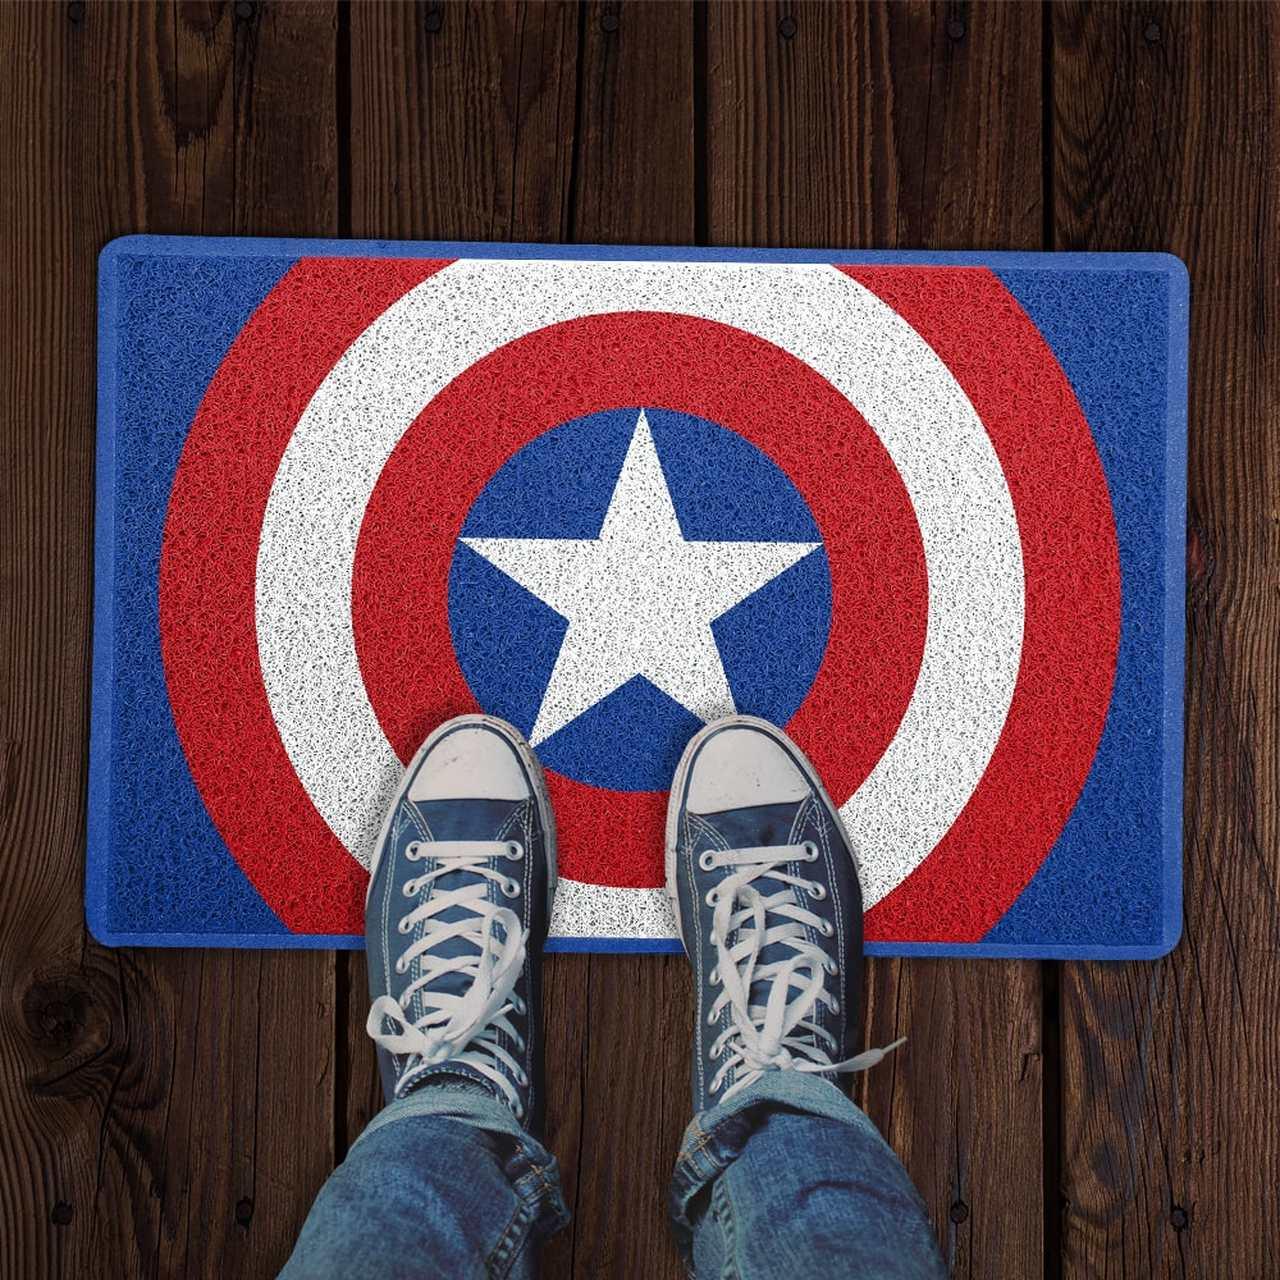 Capacho Capitão América (Capitain America): Vingadores (Avengers) PRESENTE E DECORAÇÃO GEEK